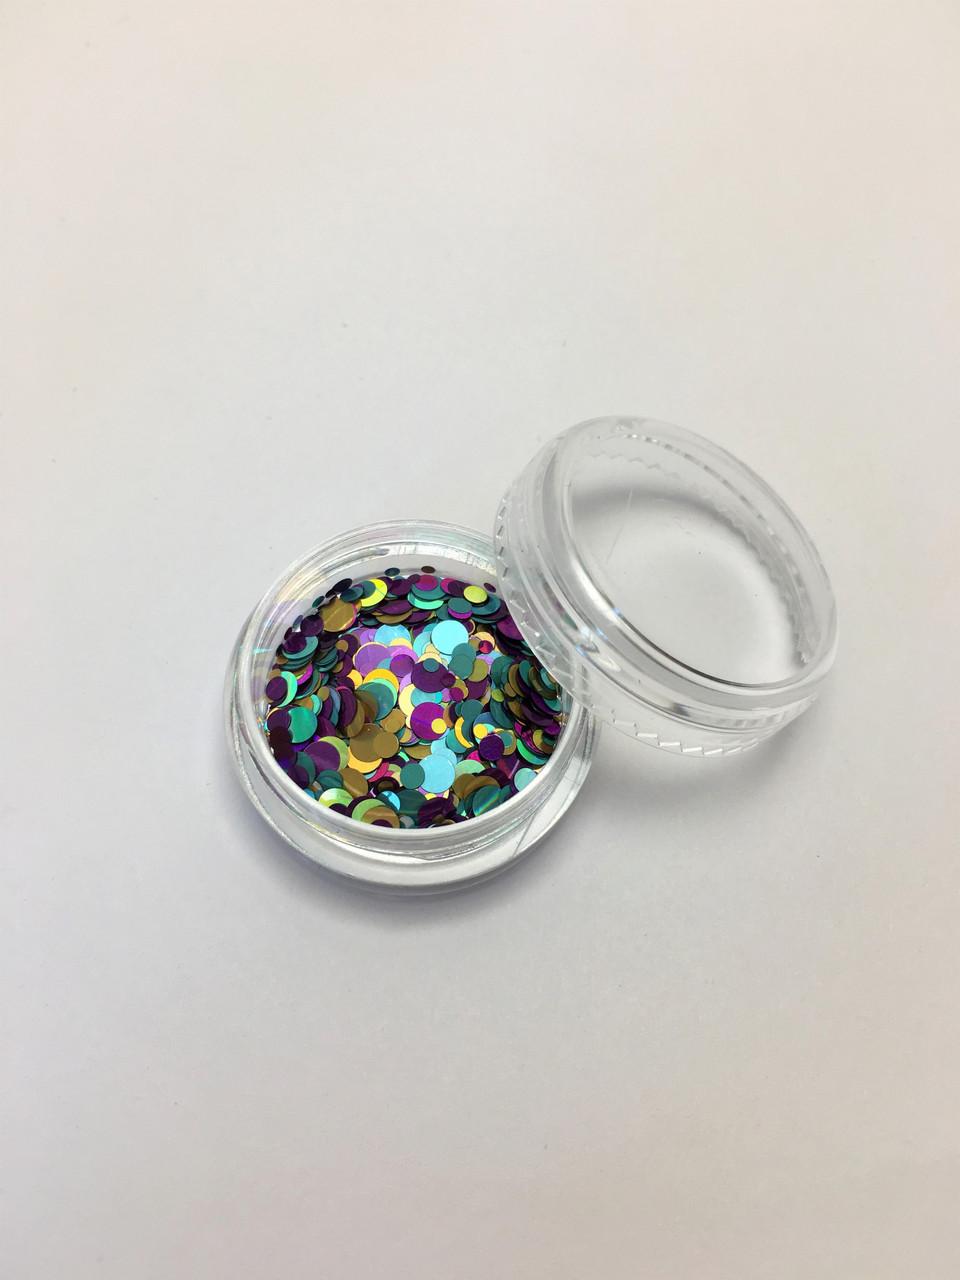 Конфетти для дизайна ногтей в баночке